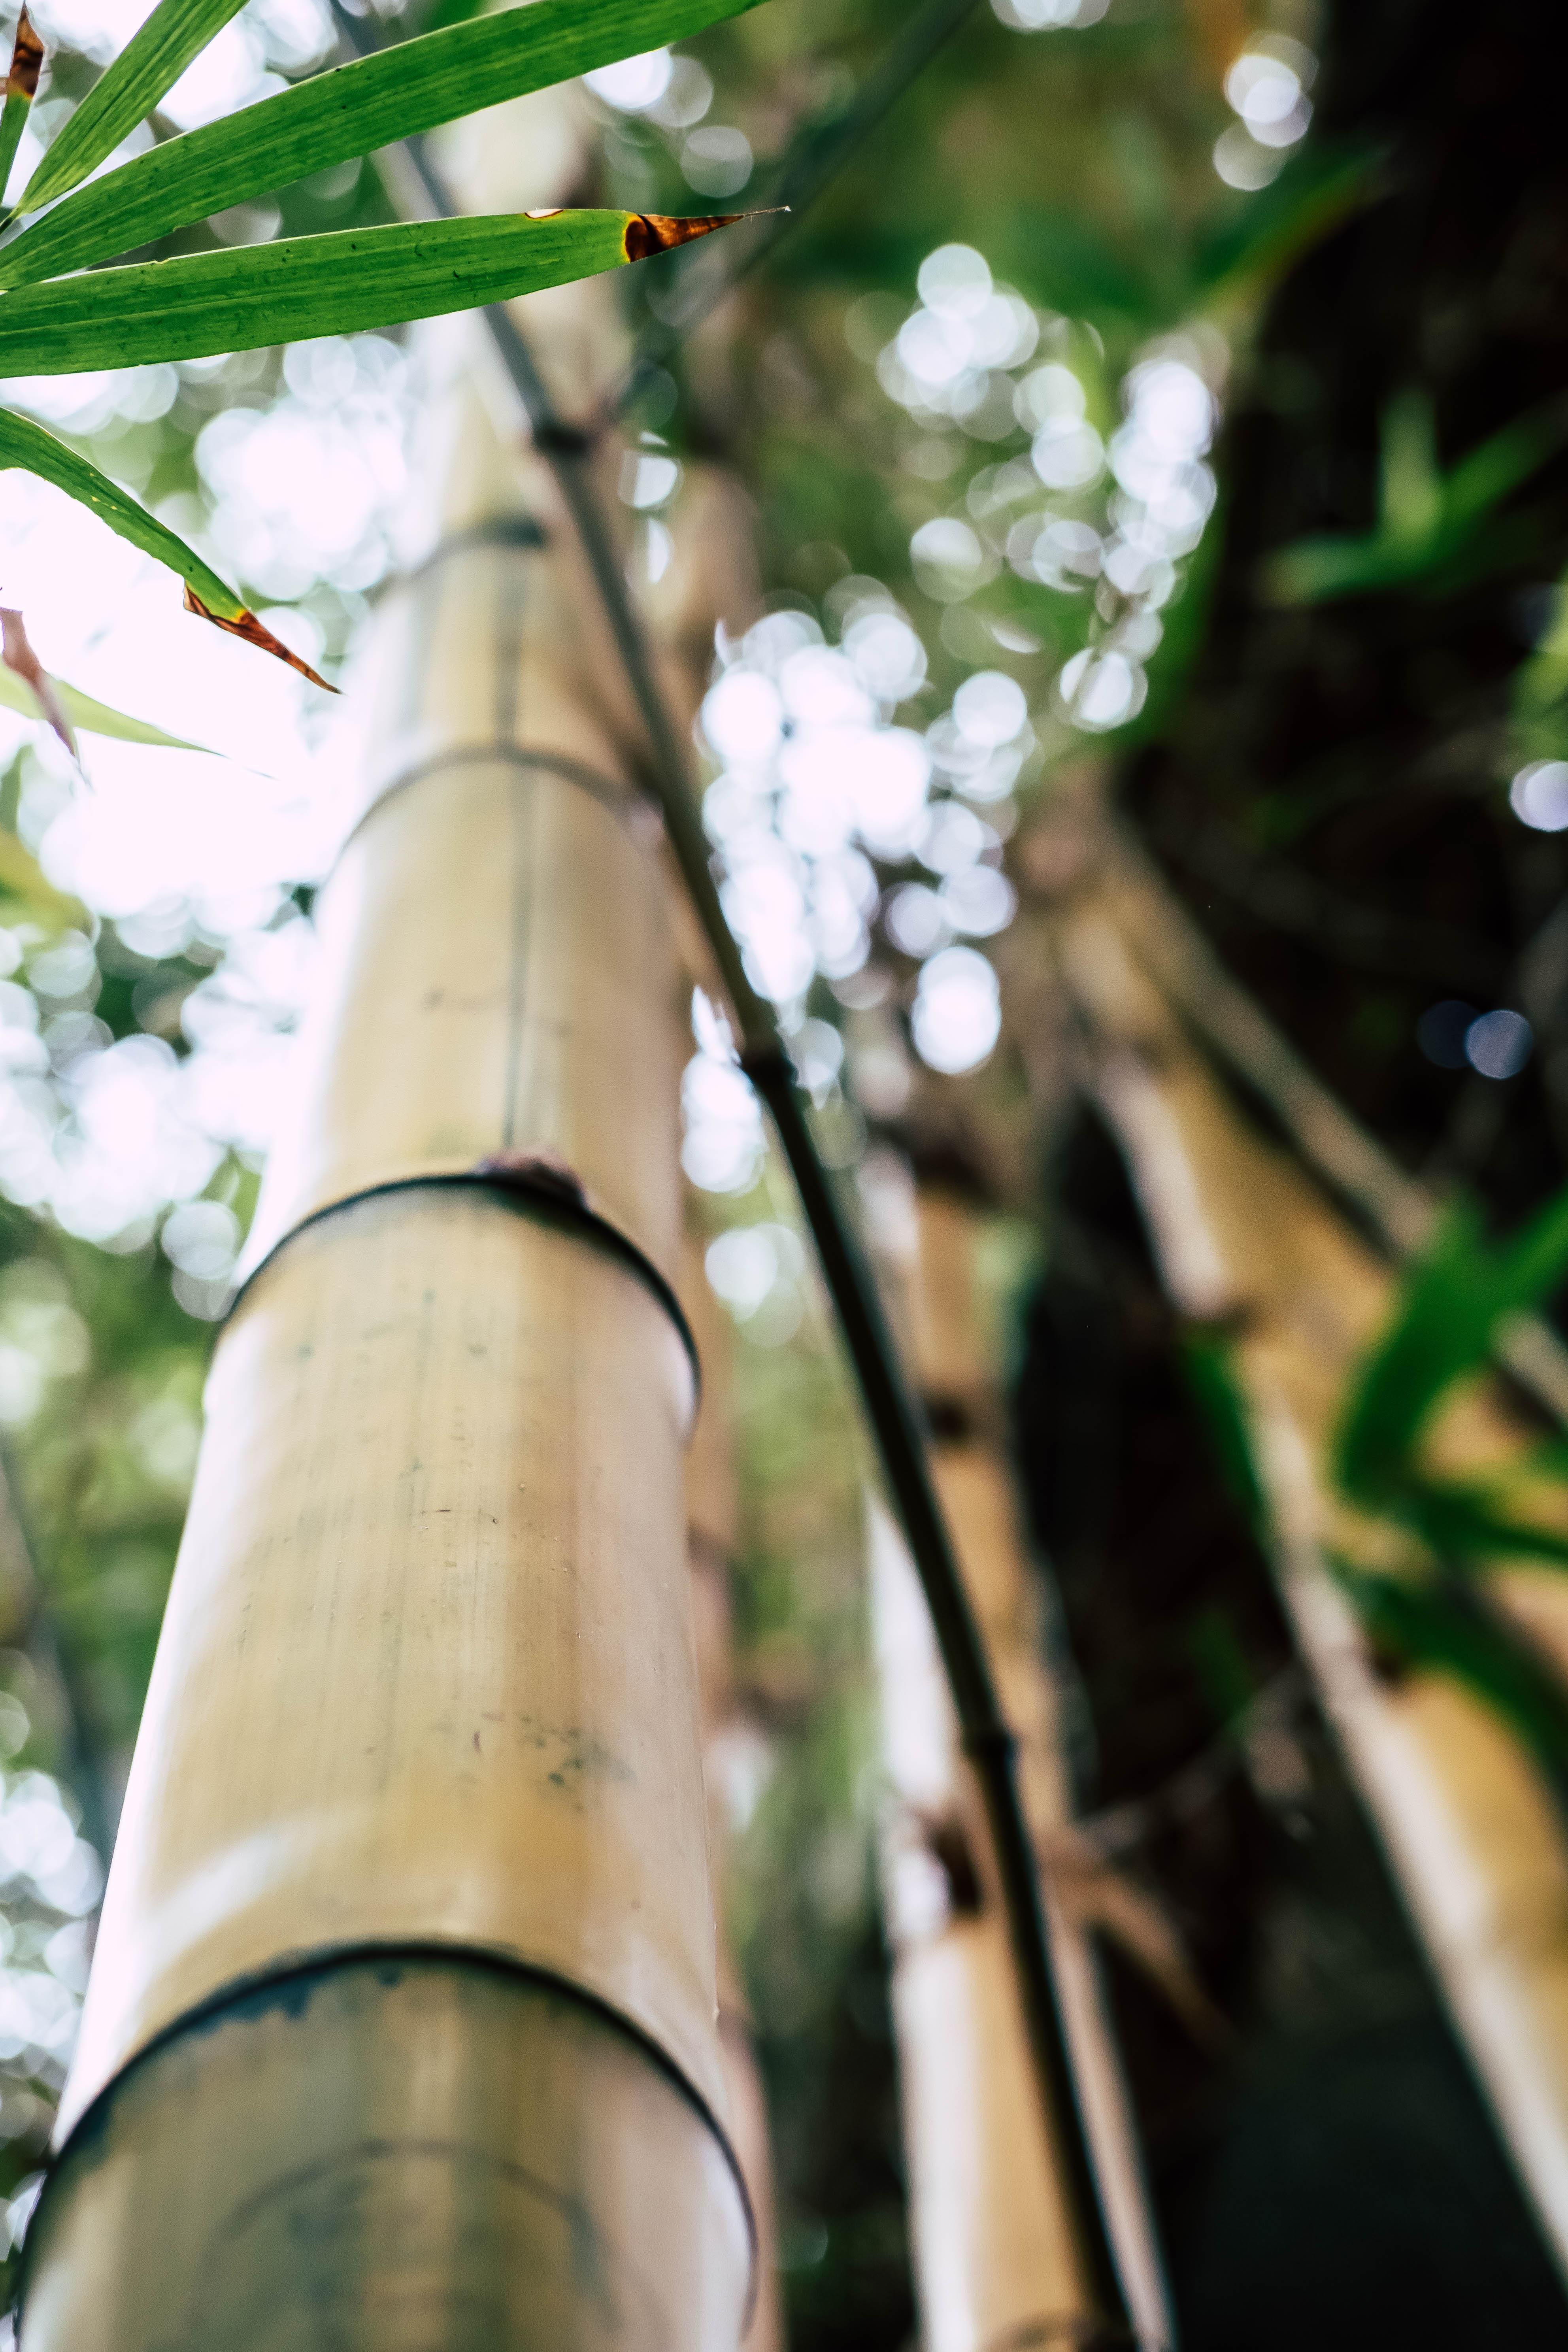 Blurry Bambus